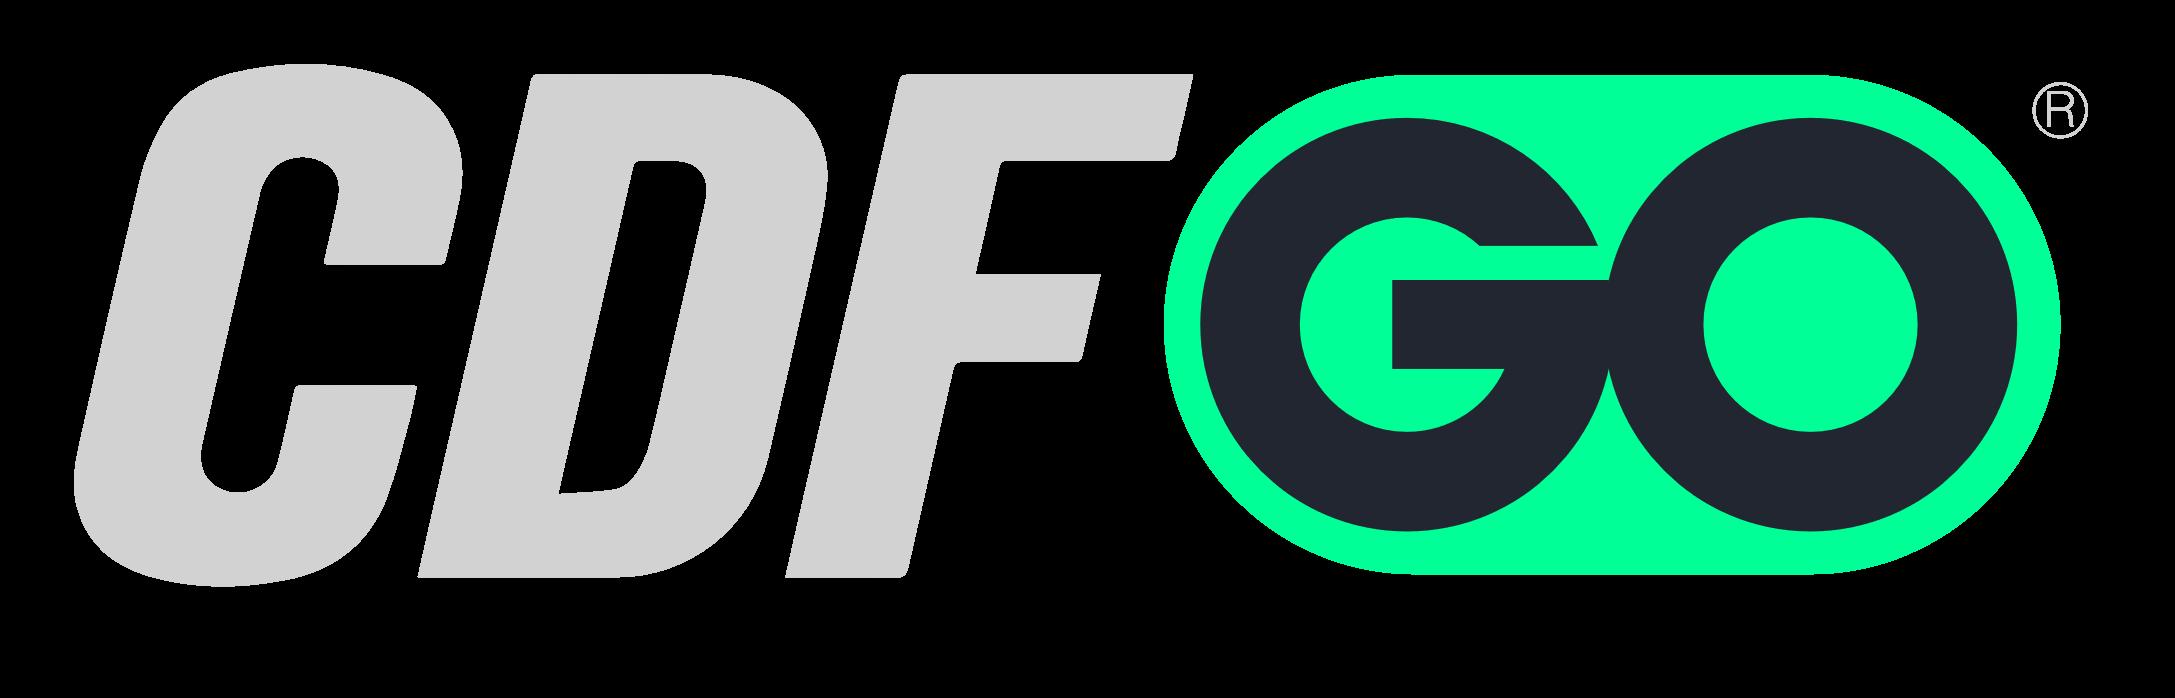 CDF GO